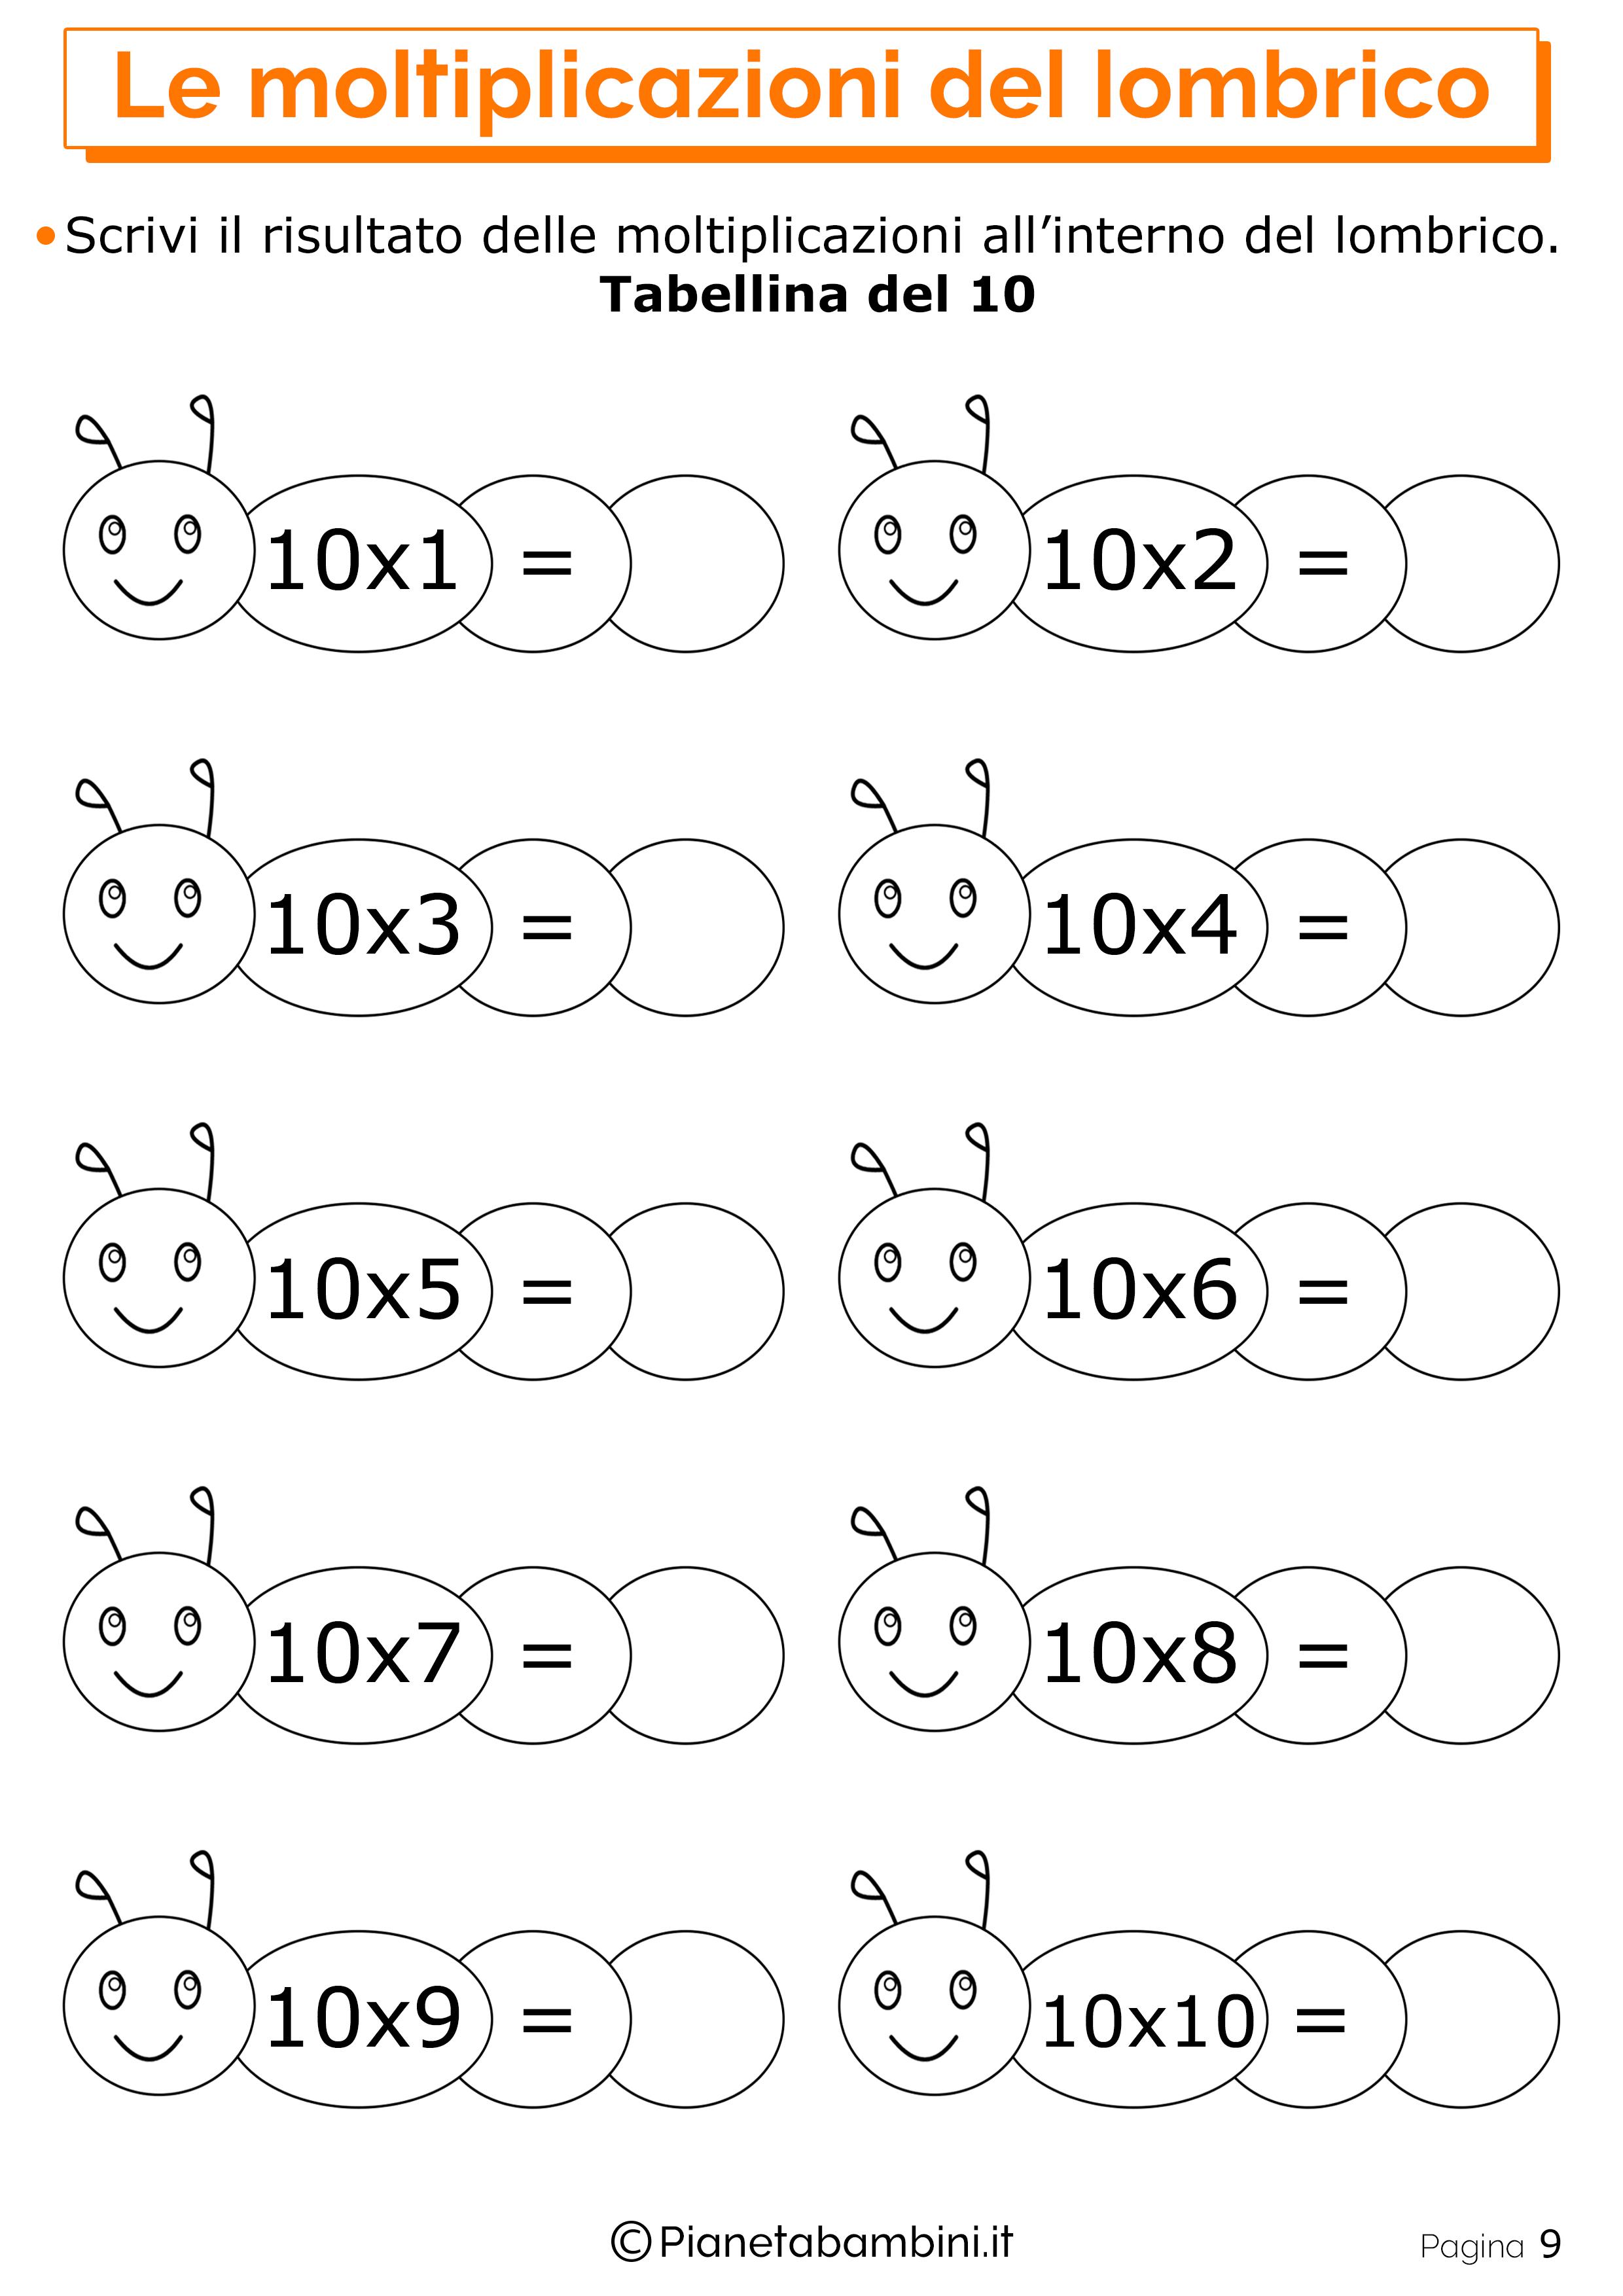 Moltiplicazioni-Lombrico_9